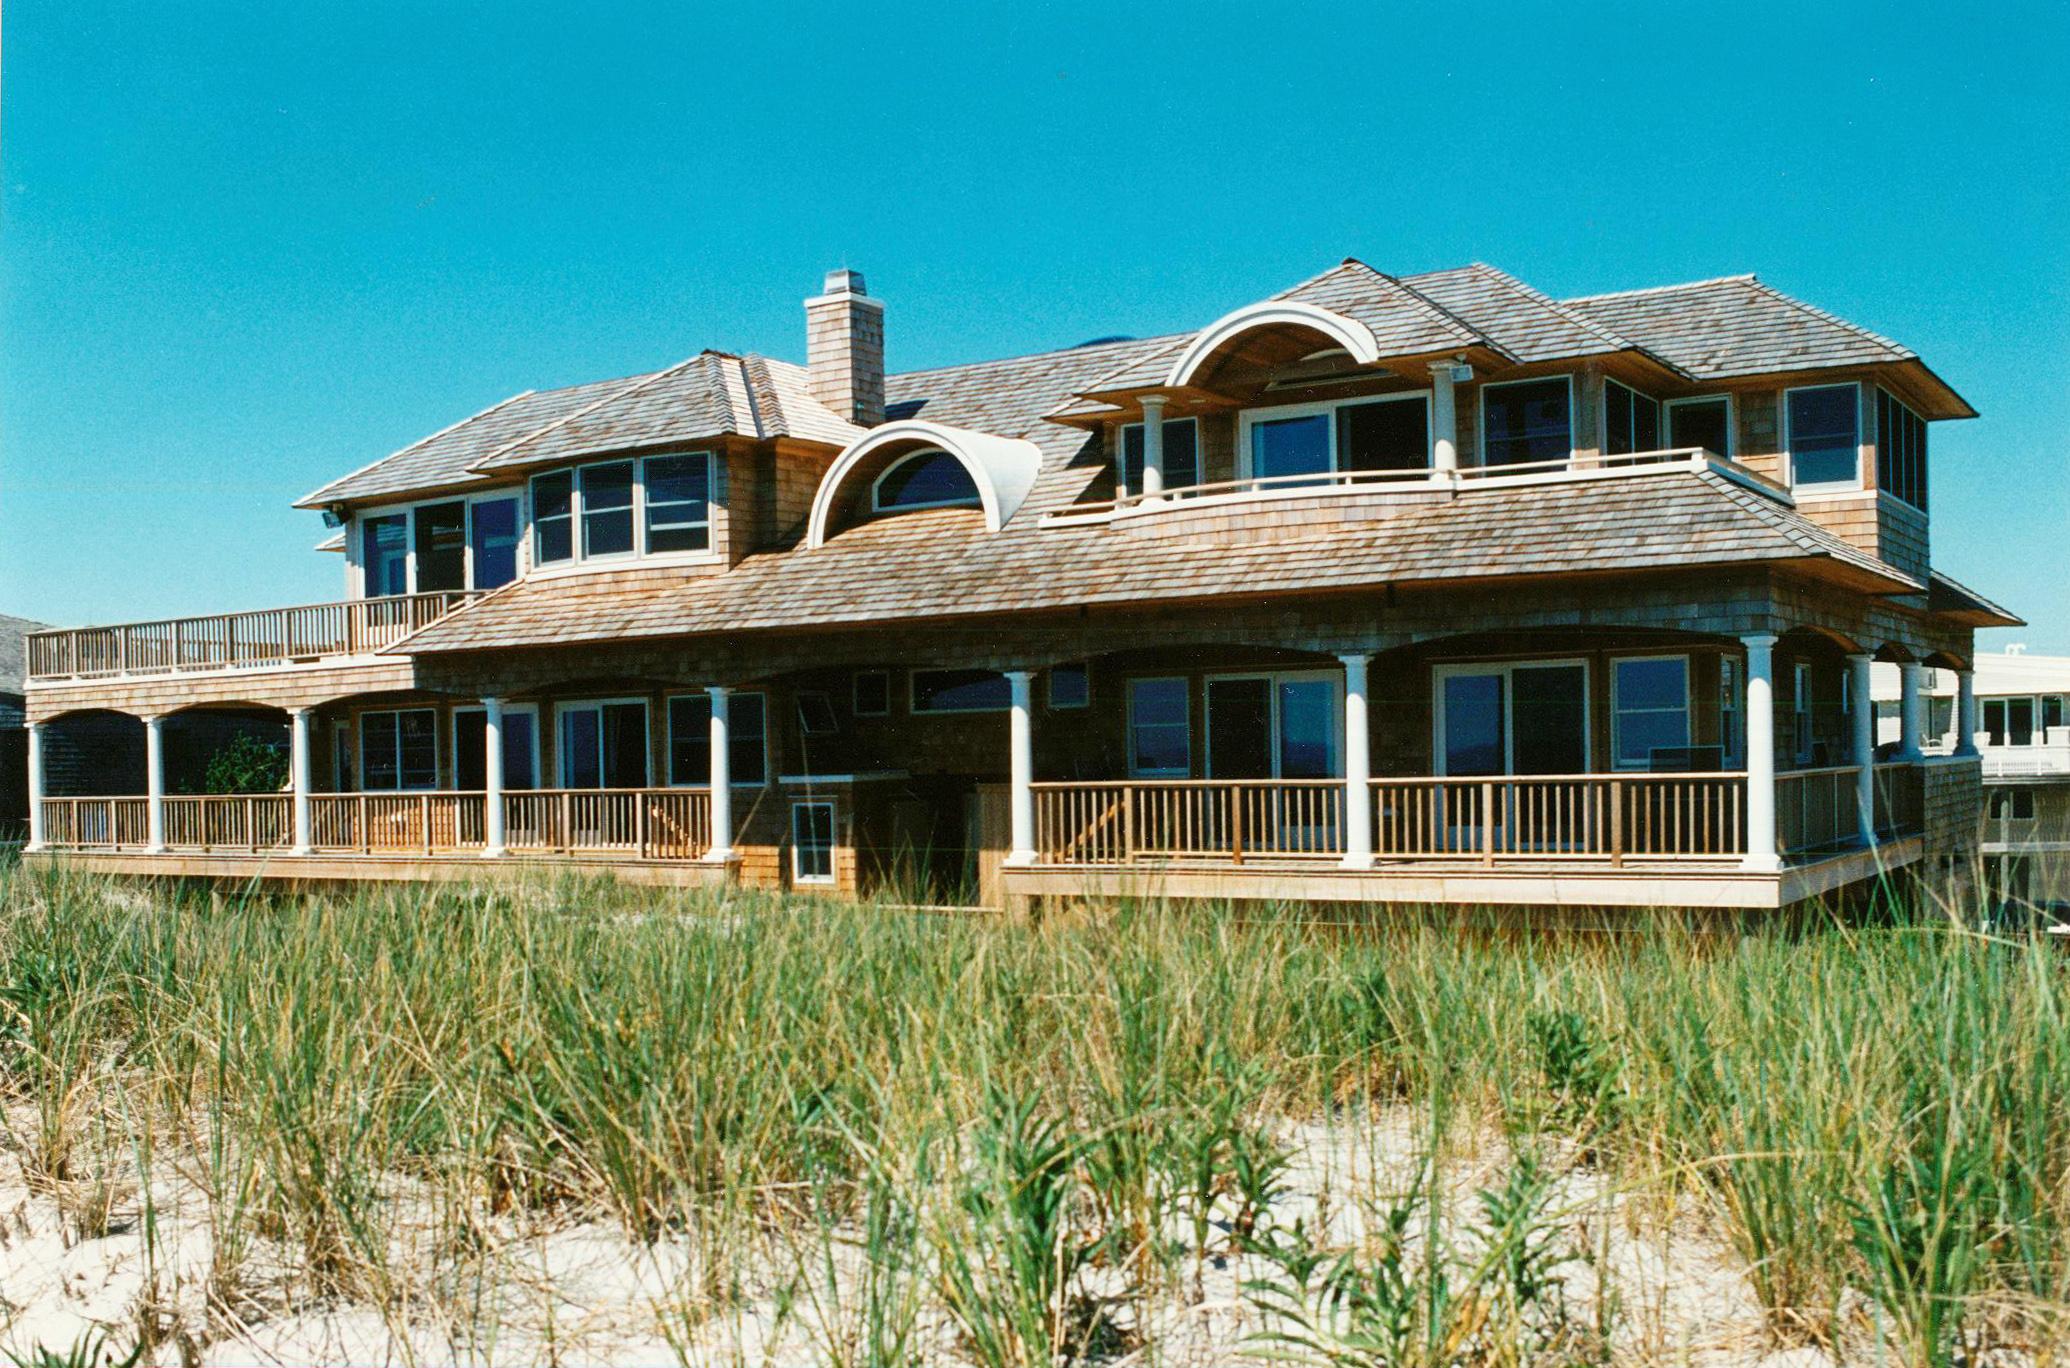 Burkhardt Residence (1995)